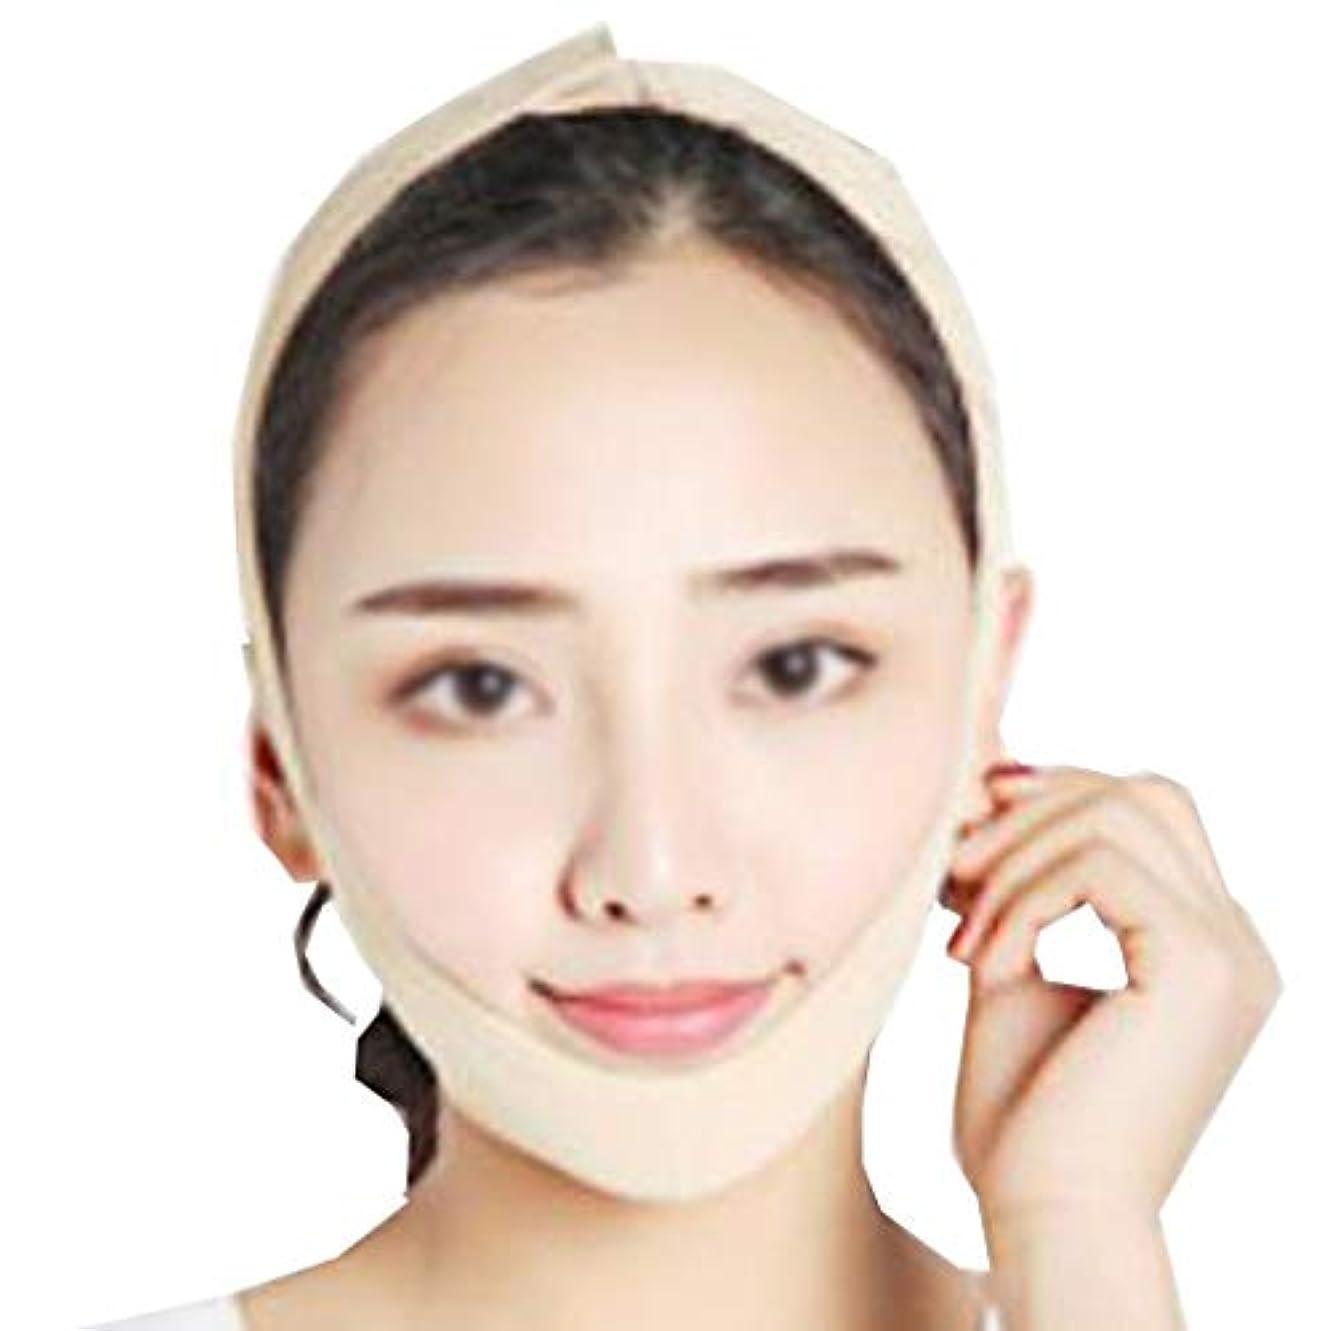 アライアンス聖職者スピーチZWBD フェイスマスク, 細い二重顎の下の小さなVの顔の薄い顔の包帯ライン切り分ける術後の回復マスクの表面持ち上がるヘッドギアの束